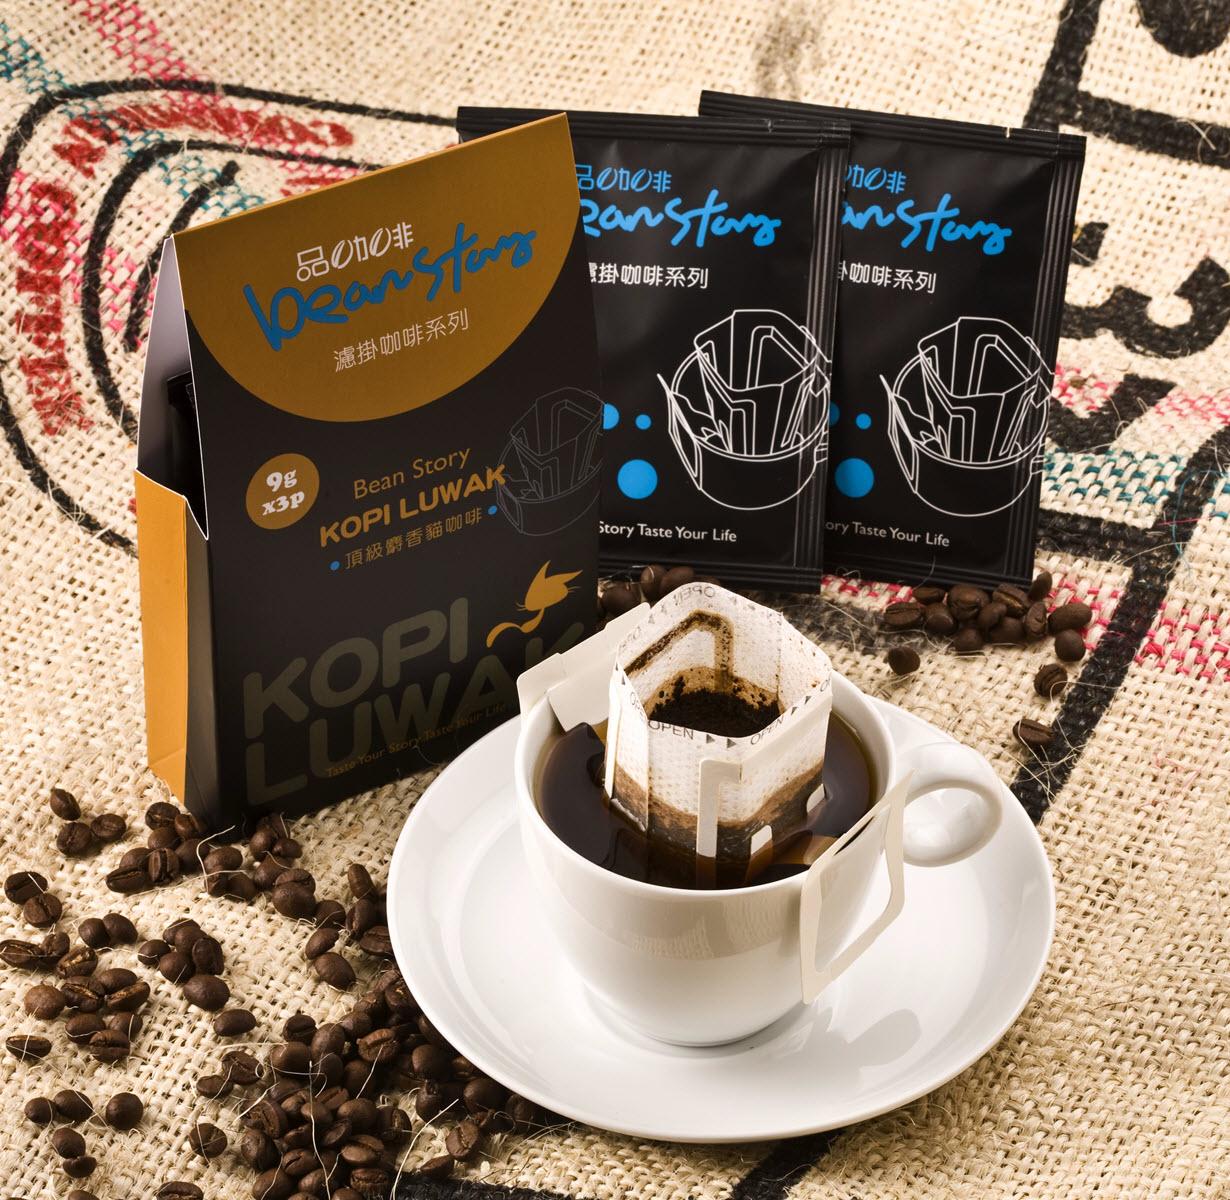 【生活薈CrownLife】《品咖啡BeanStory》頂級麝香貓濾掛式咖啡(9公克 * 3包)